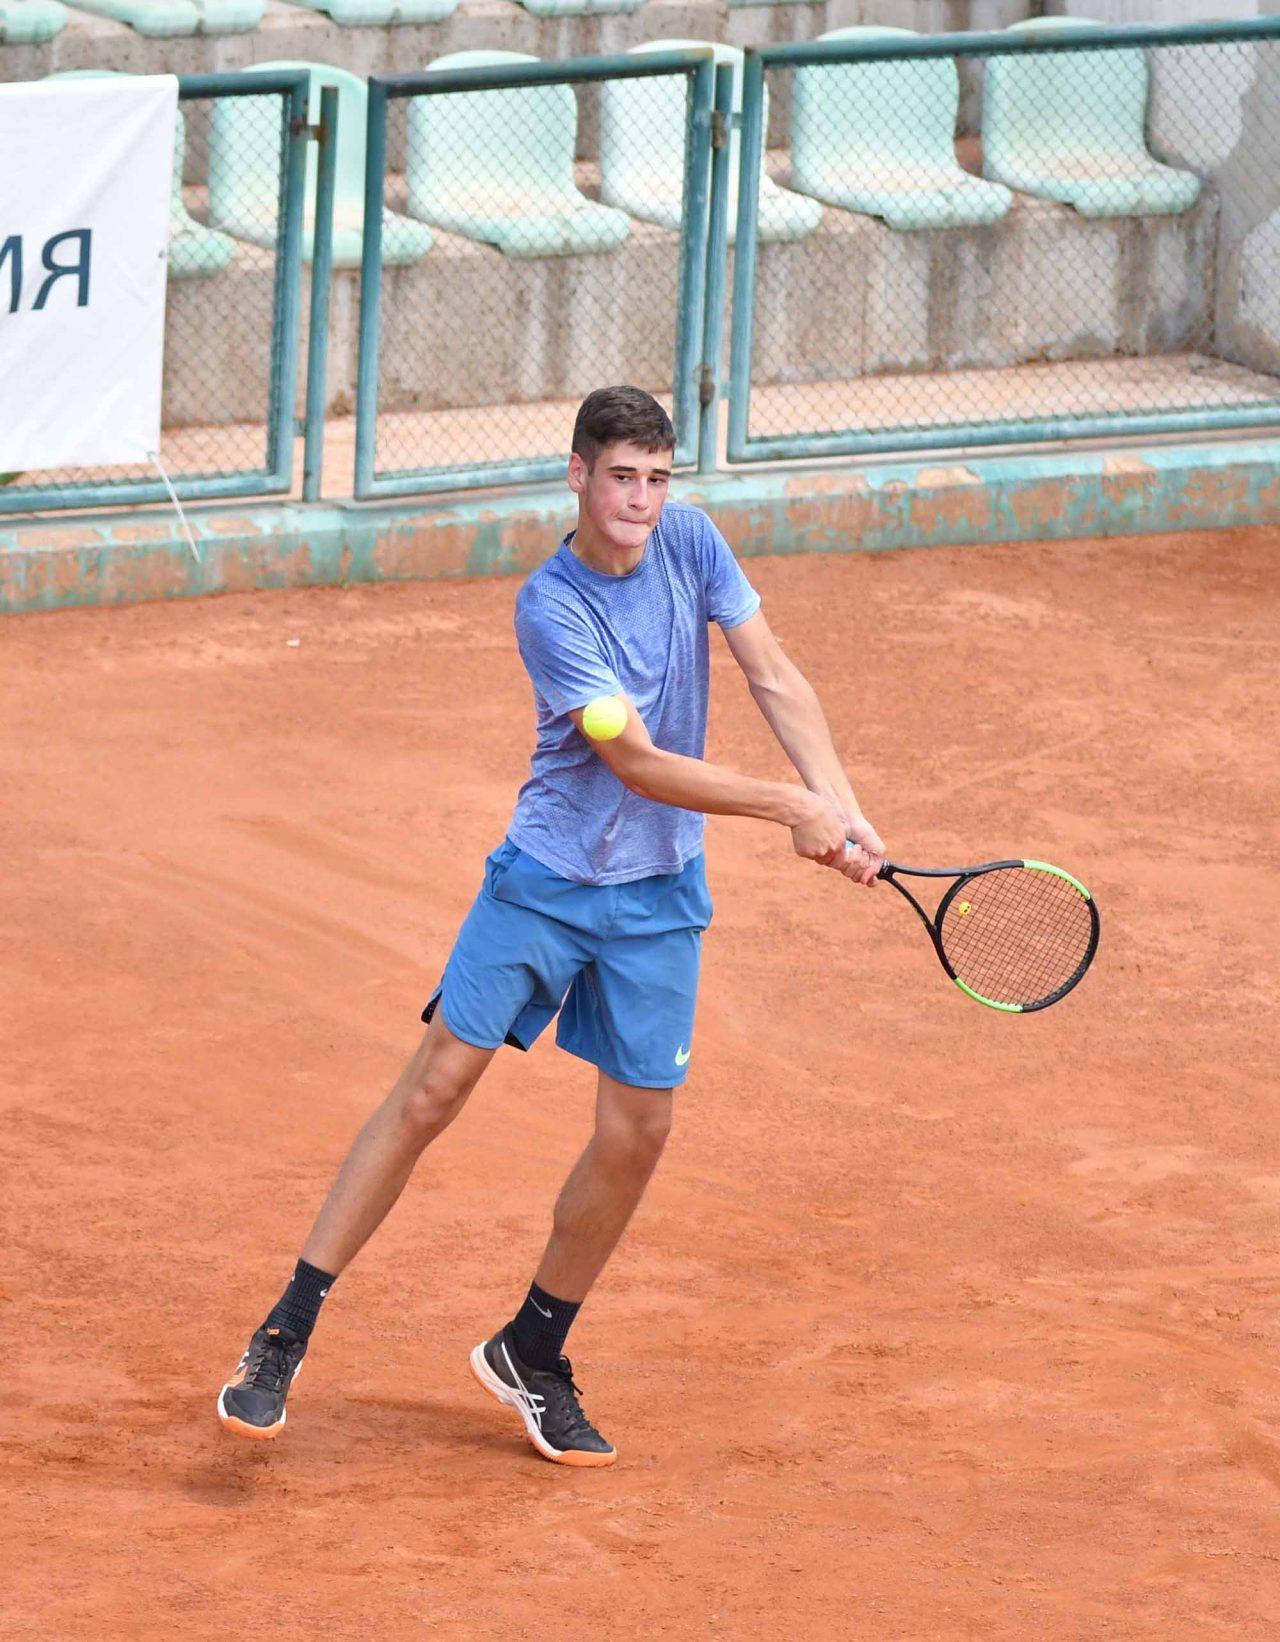 Държавно първенство тенисдо 16 години Сливен (43)